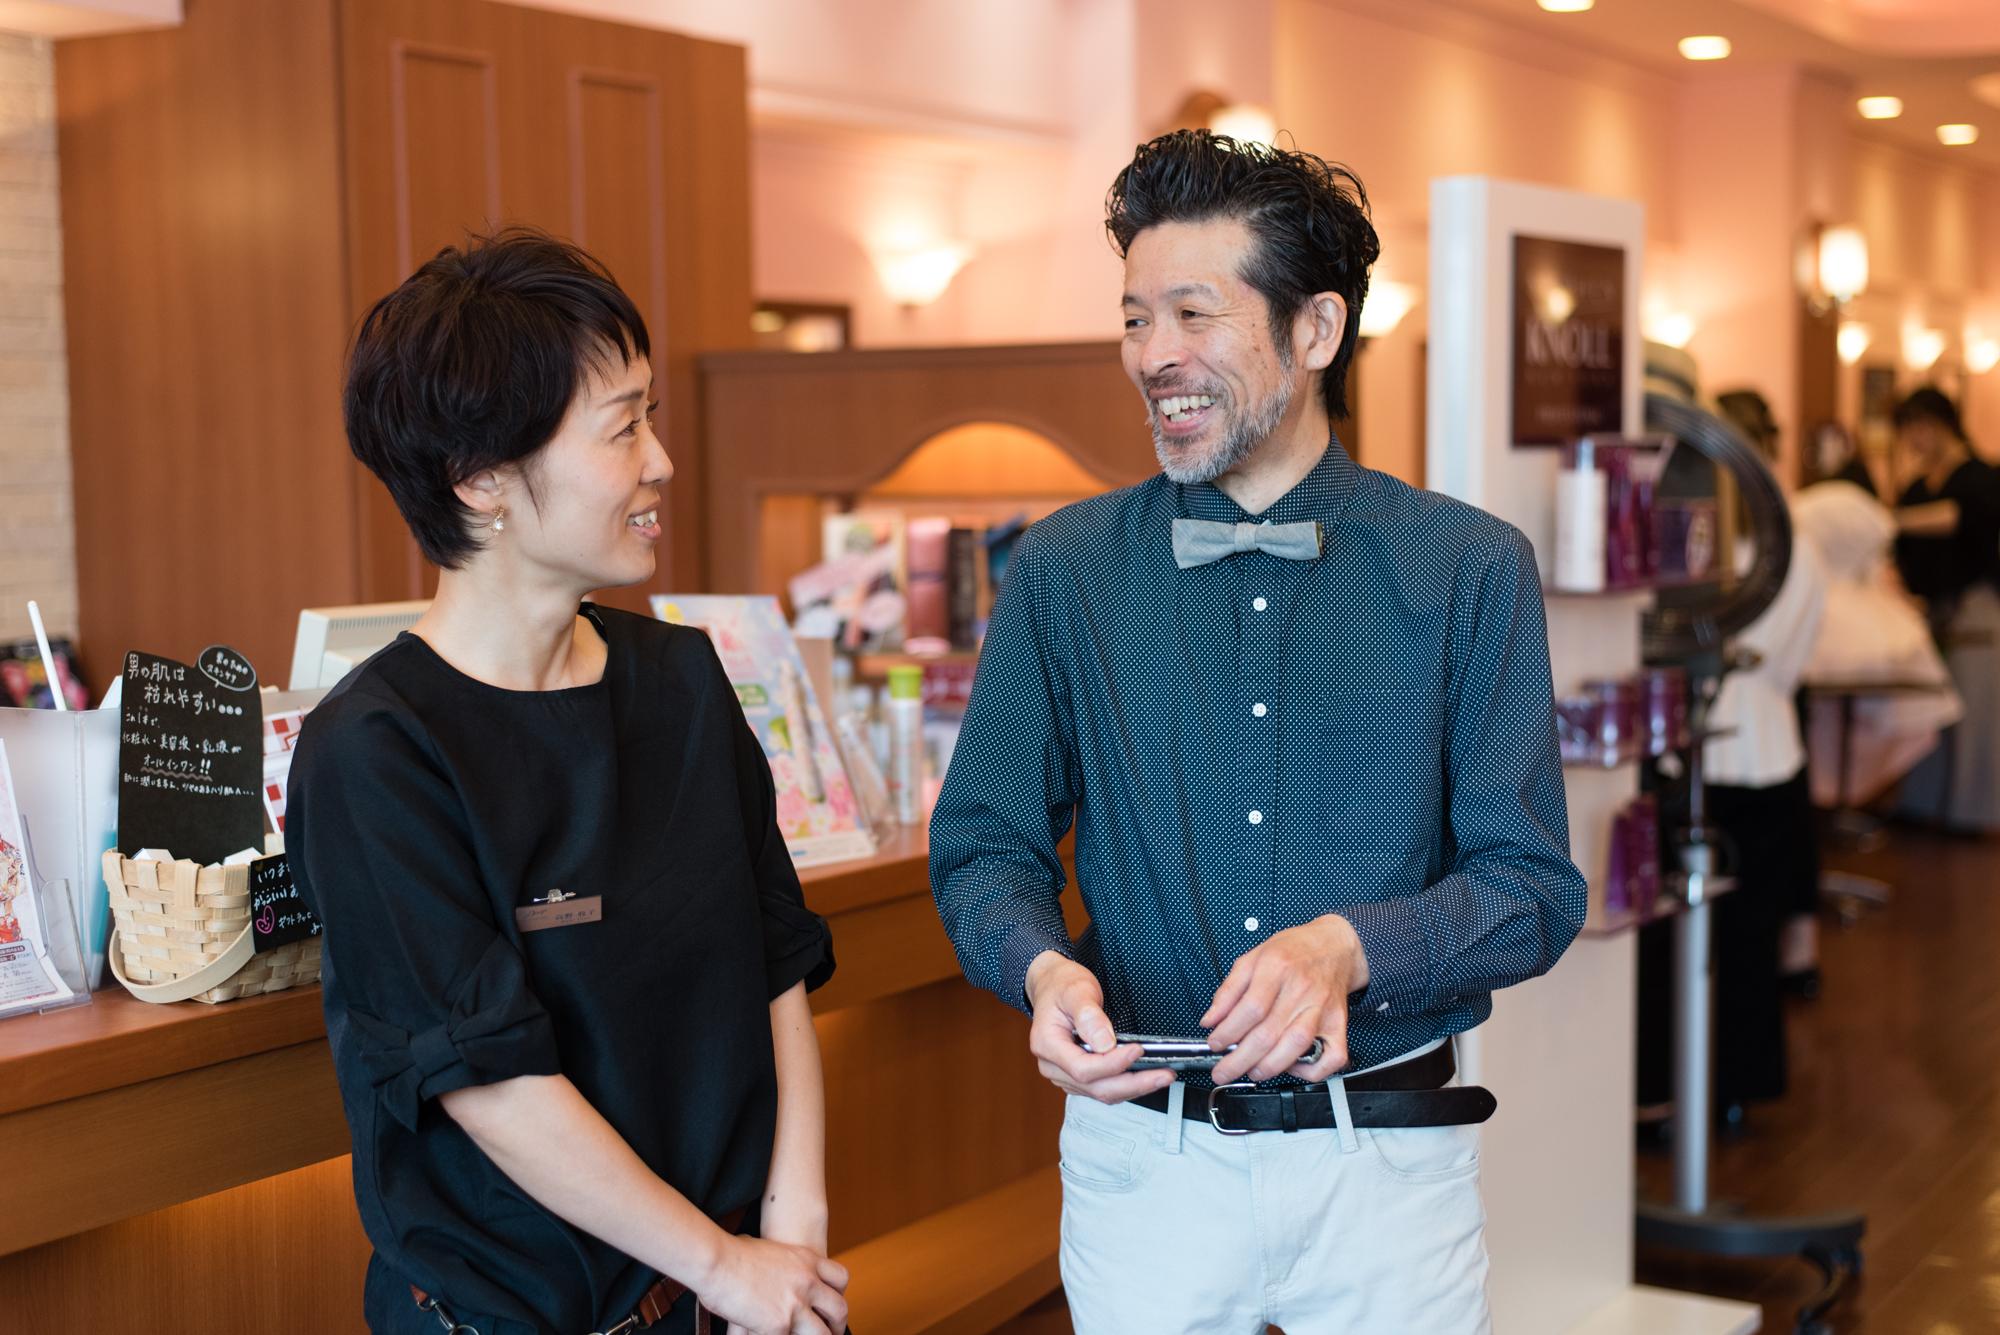 ママ美容師の高野牧子さんは、金・土曜出勤のパート勤務。土日に固定で出られるママスタッフは少ないので、助かっているという